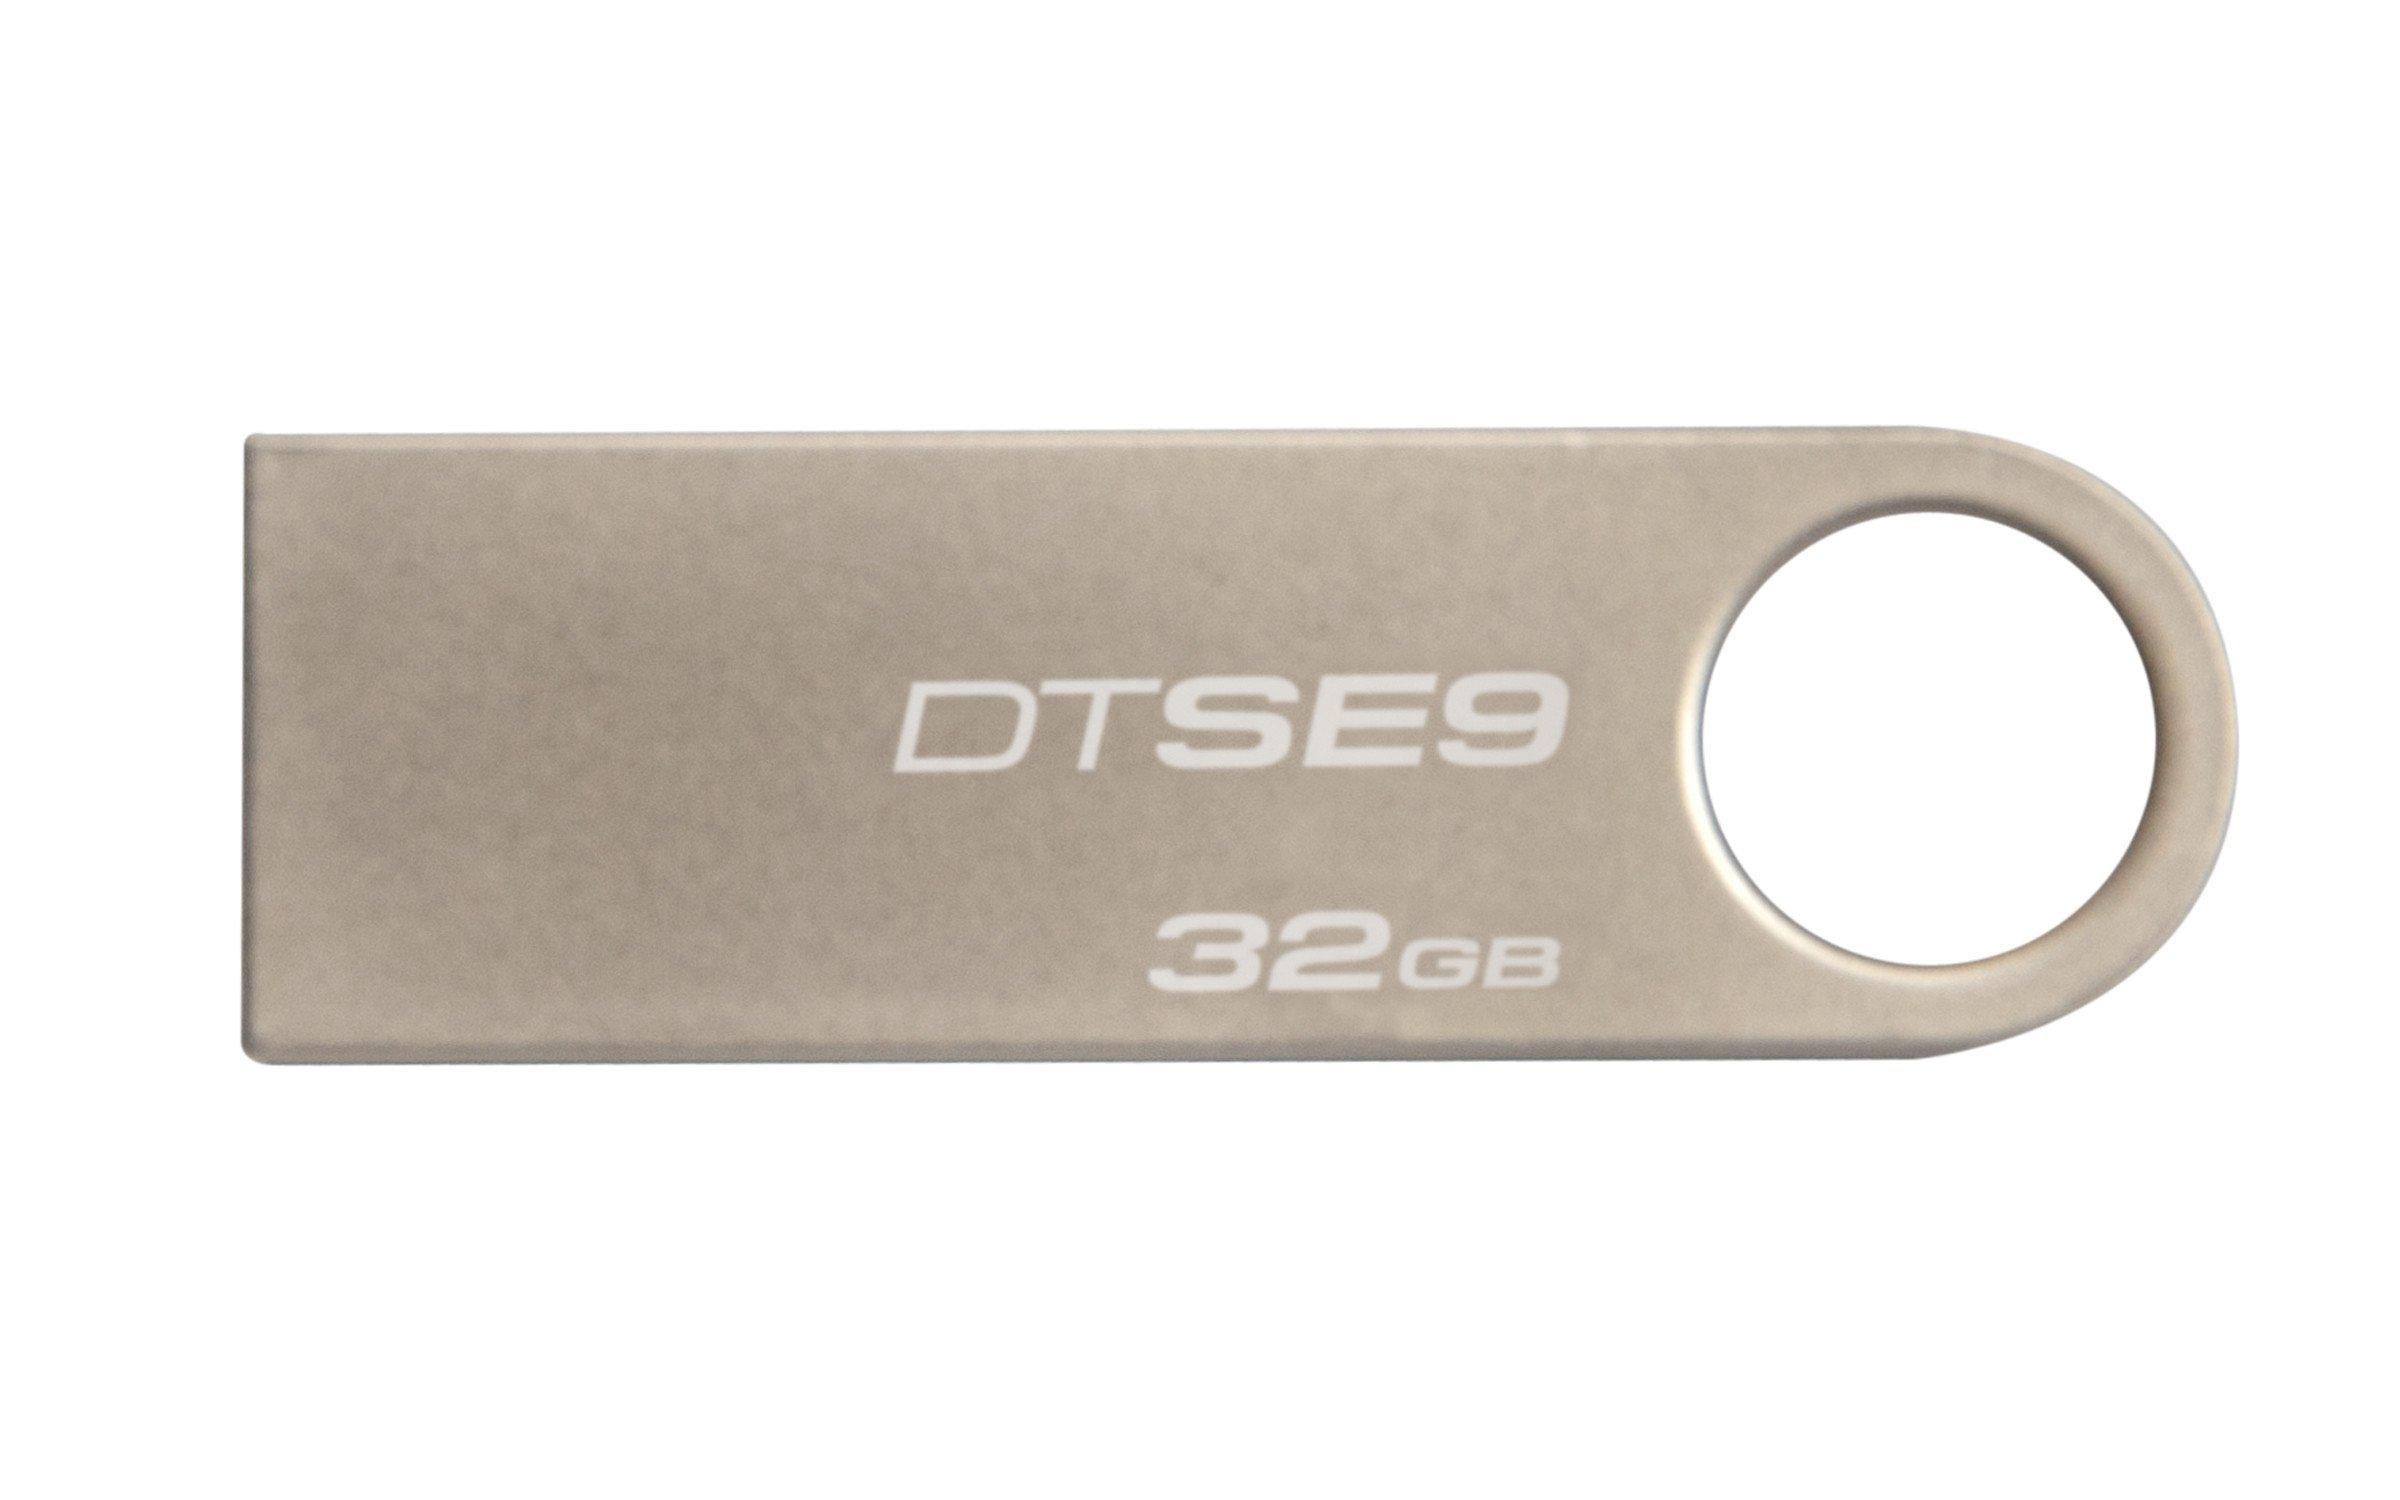 Kingston Digital DataTraveler DTSE9H 32GBZET